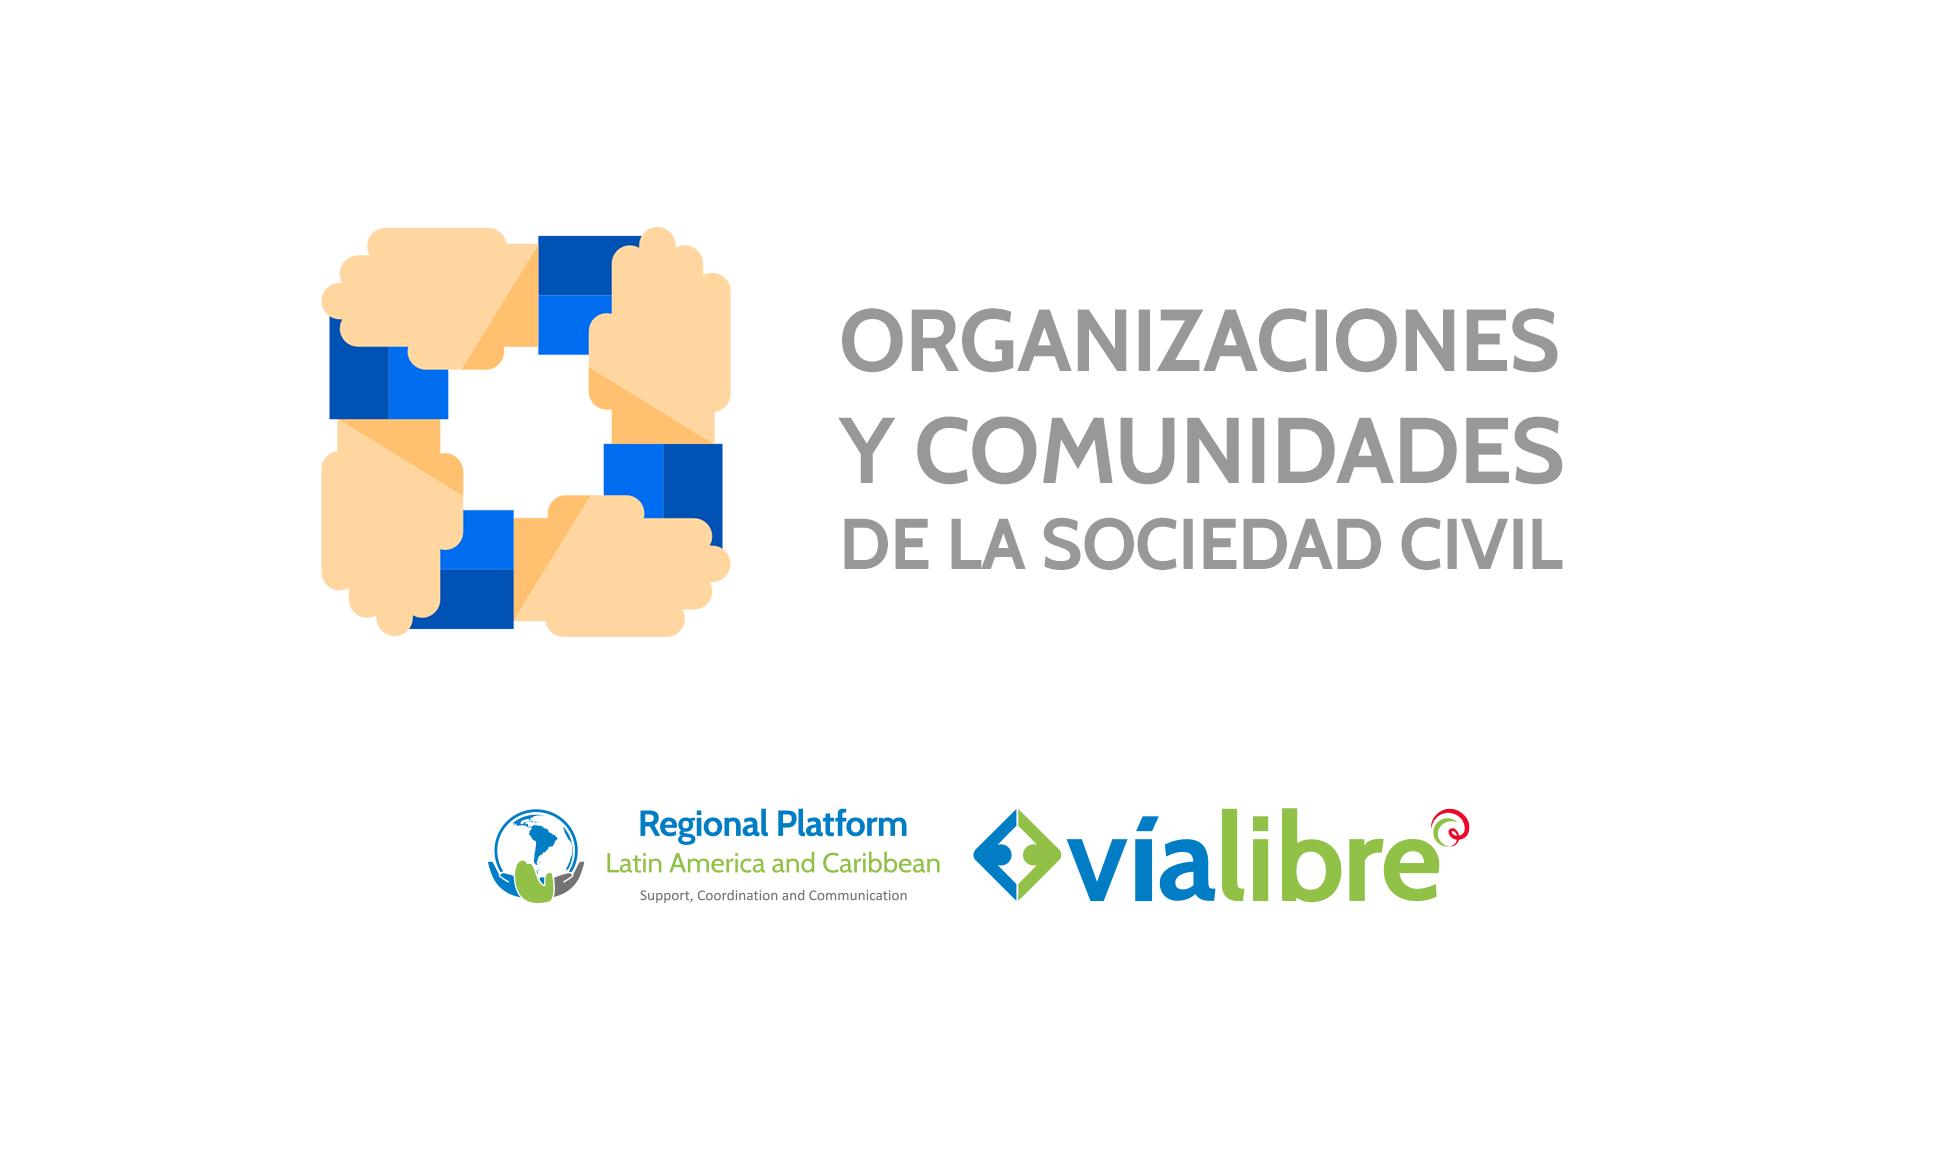 Actualización para la comunidad de defensores, poblaciones clave y sociedad civil. El ciclo de financiación del Fondo Mundial 2020-2022